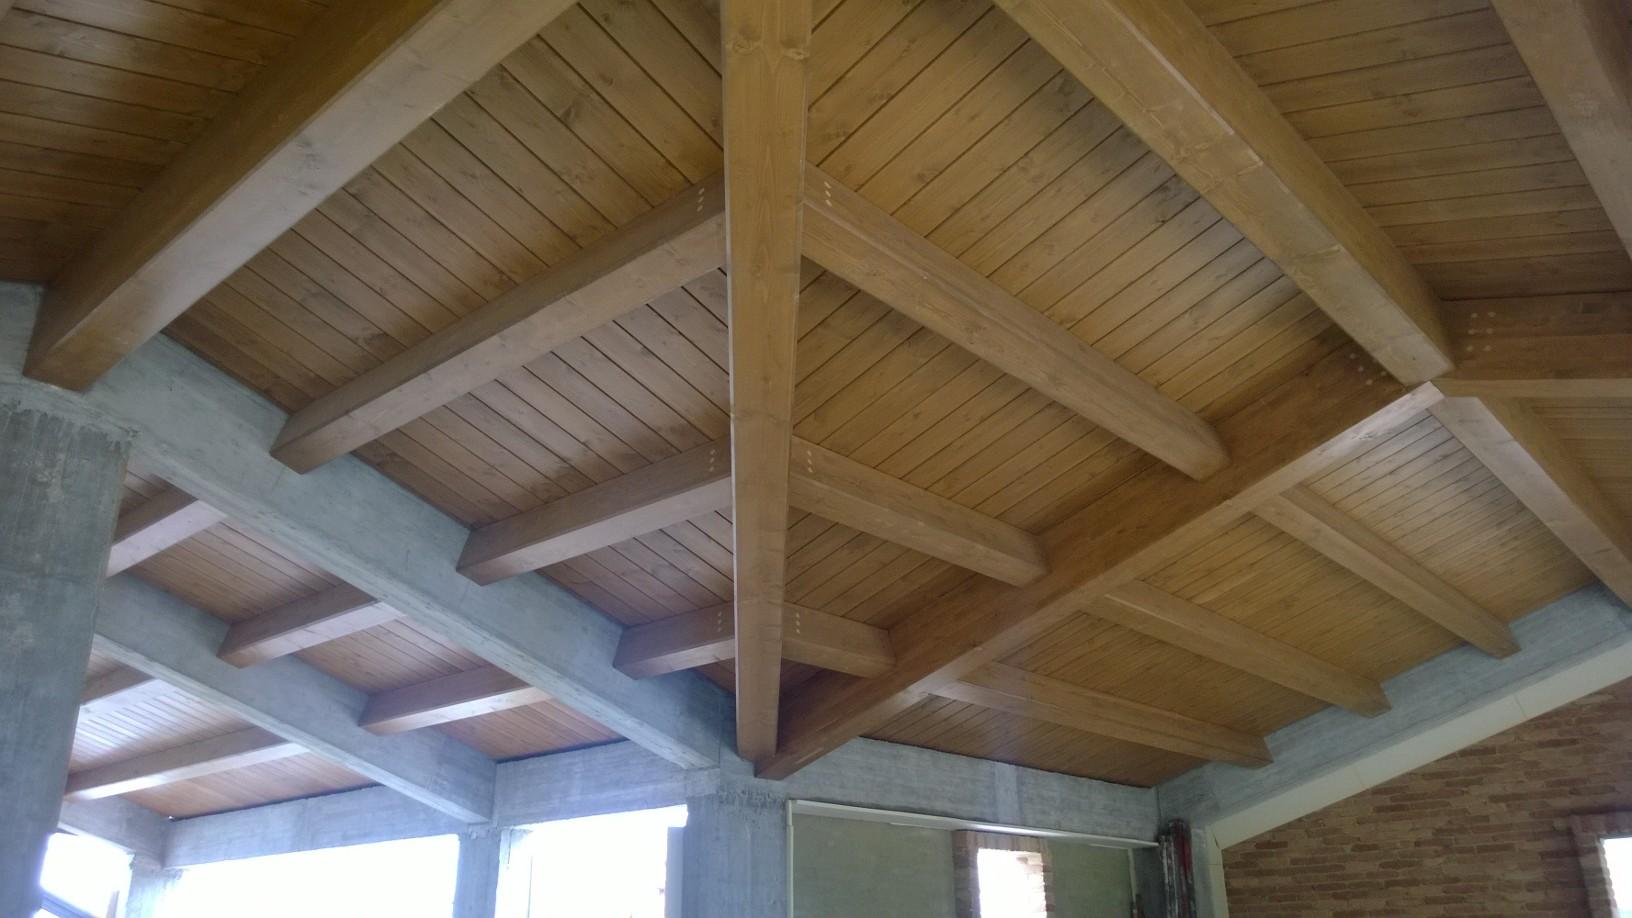 Tetti solai in legno e finiture interne gallery edilizia strutture in legno finiture e arredi - Legno sbiancato tetto ...